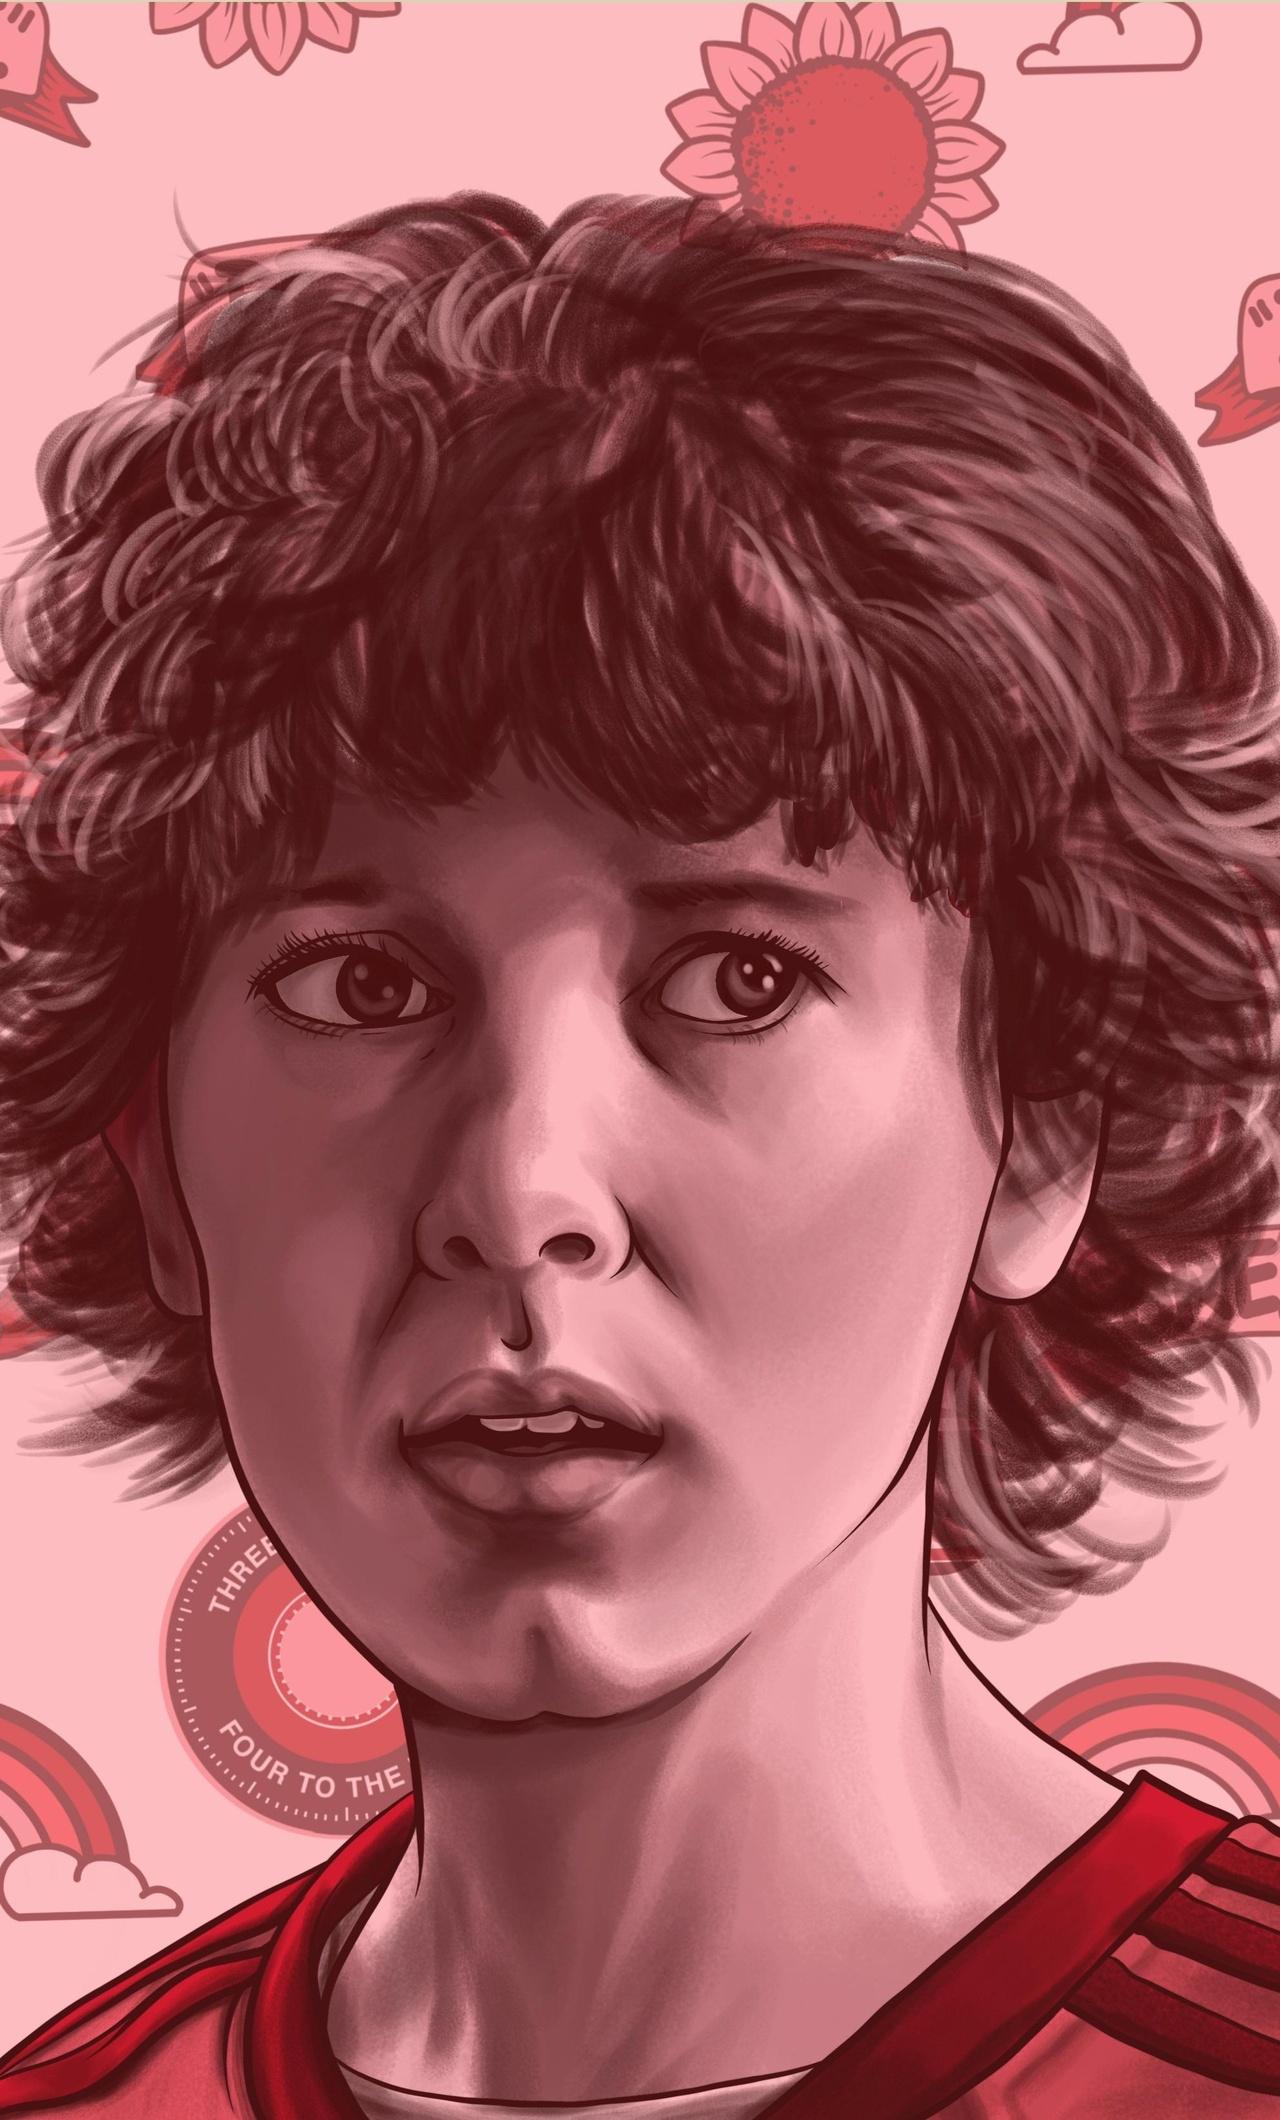 stranger-things-eleven-5k-artwork-it.jpg